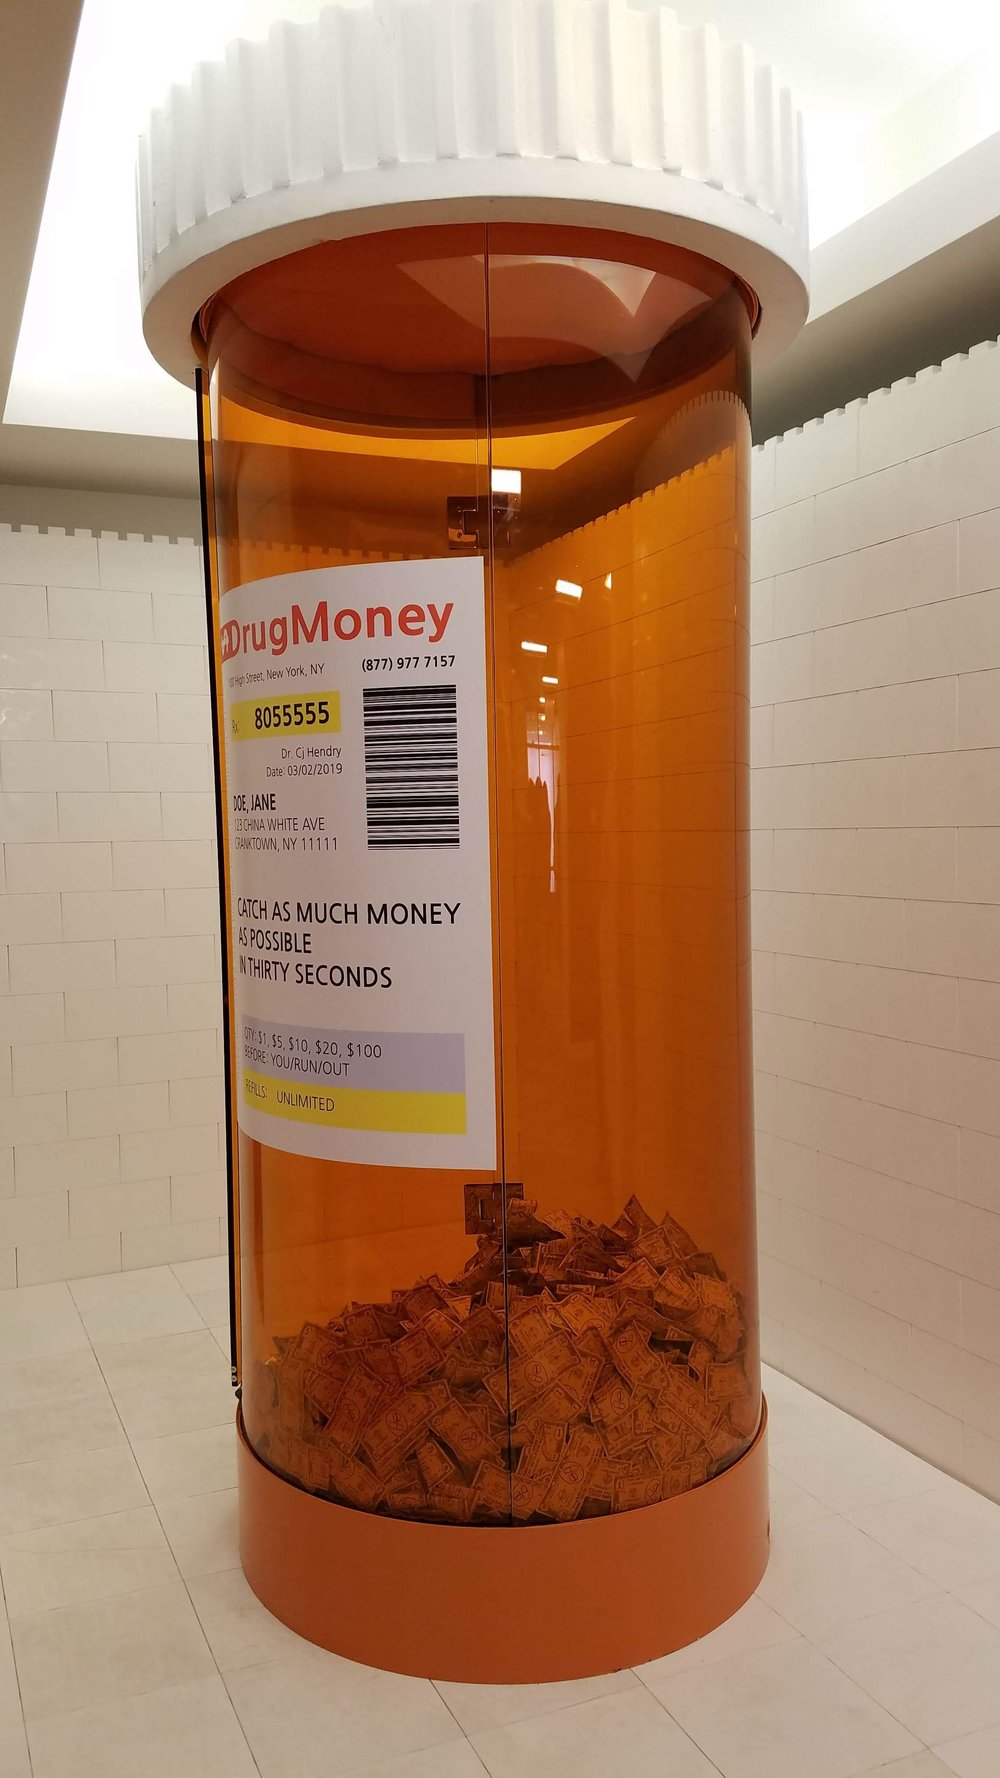 Cj Hendry, Drug Money